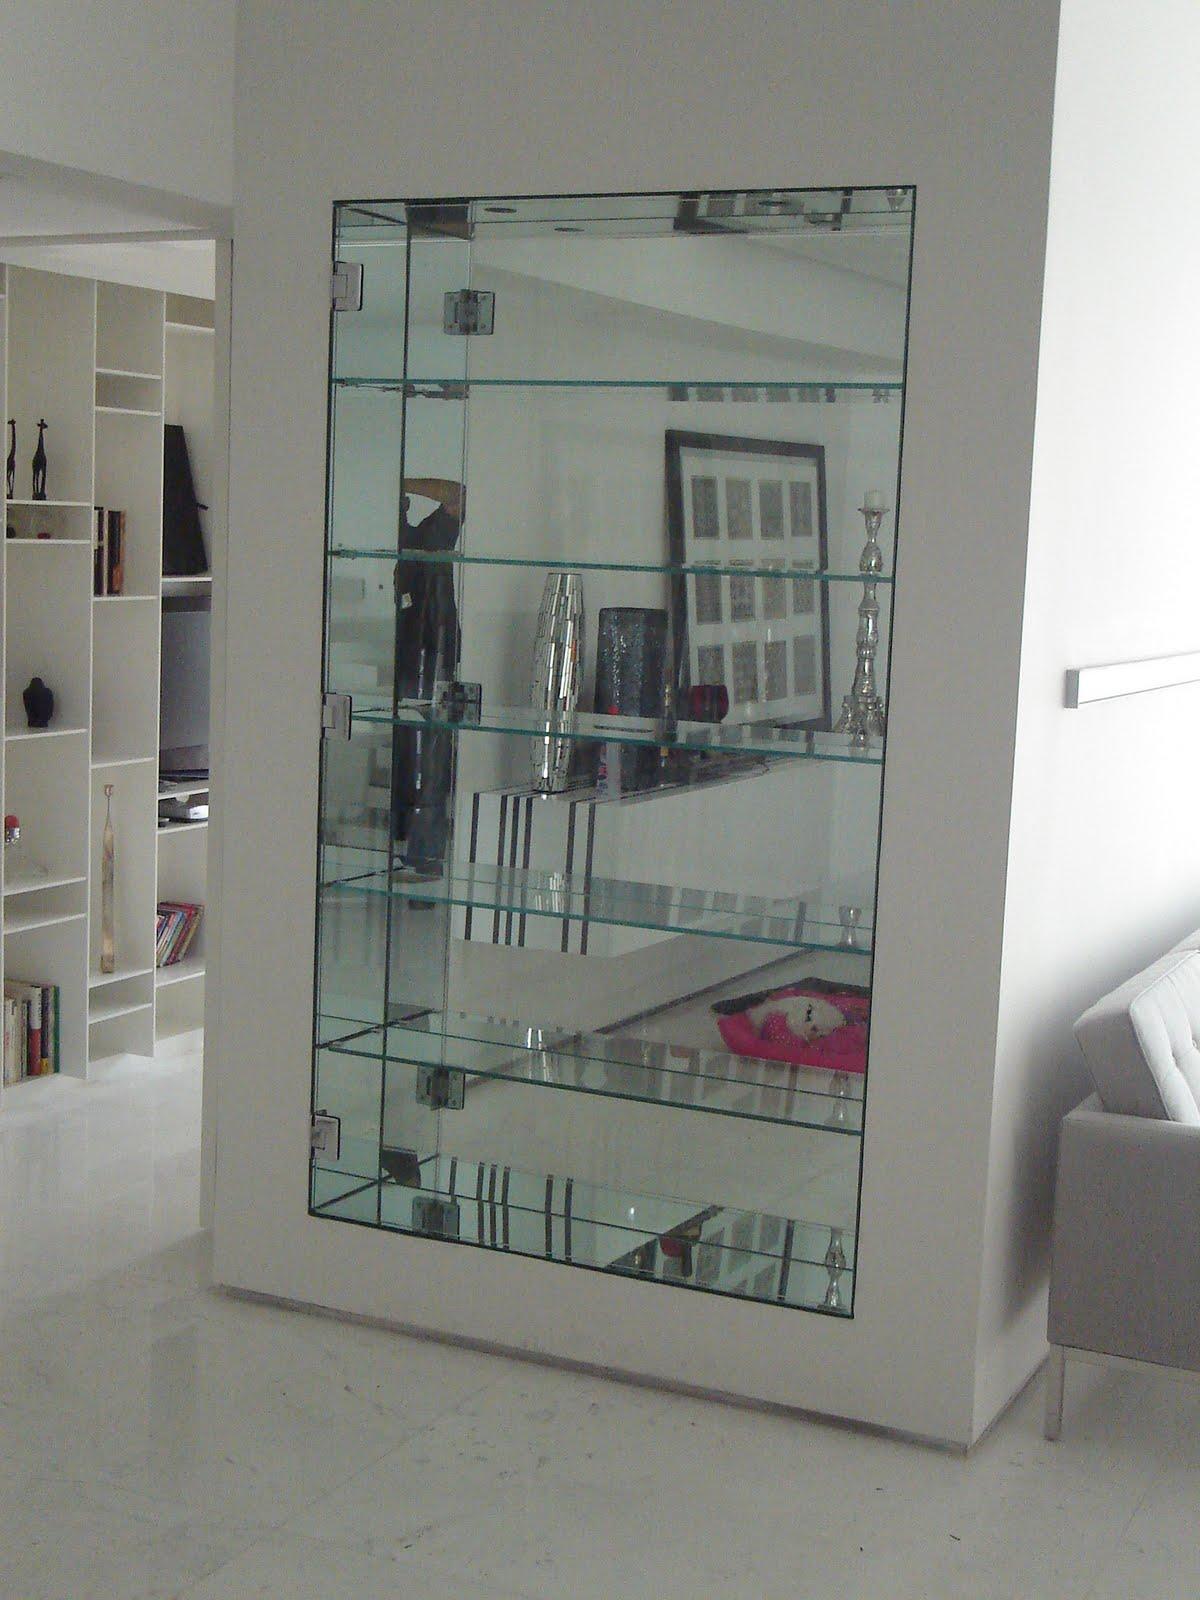 Espelho De Banheiro Com Nicho  gotoworldfrcom decoração de banheiro simples -> Nicho Banheiro Prateleira Vidro